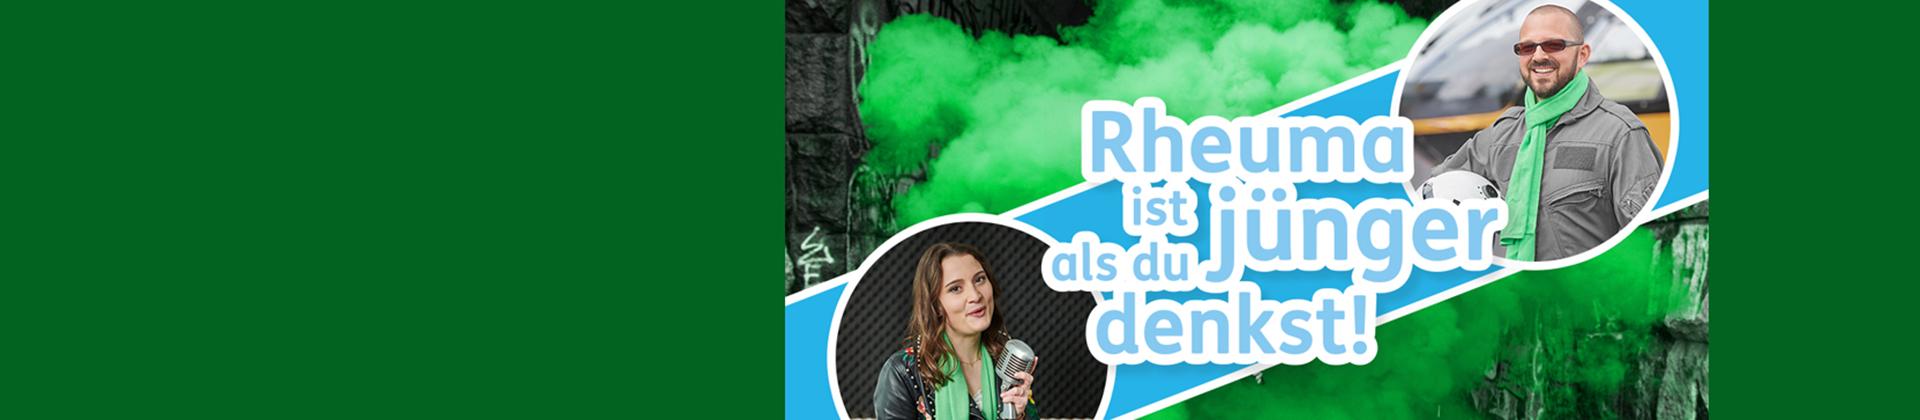 banner-Neue-Kampagne-rheuma-liga